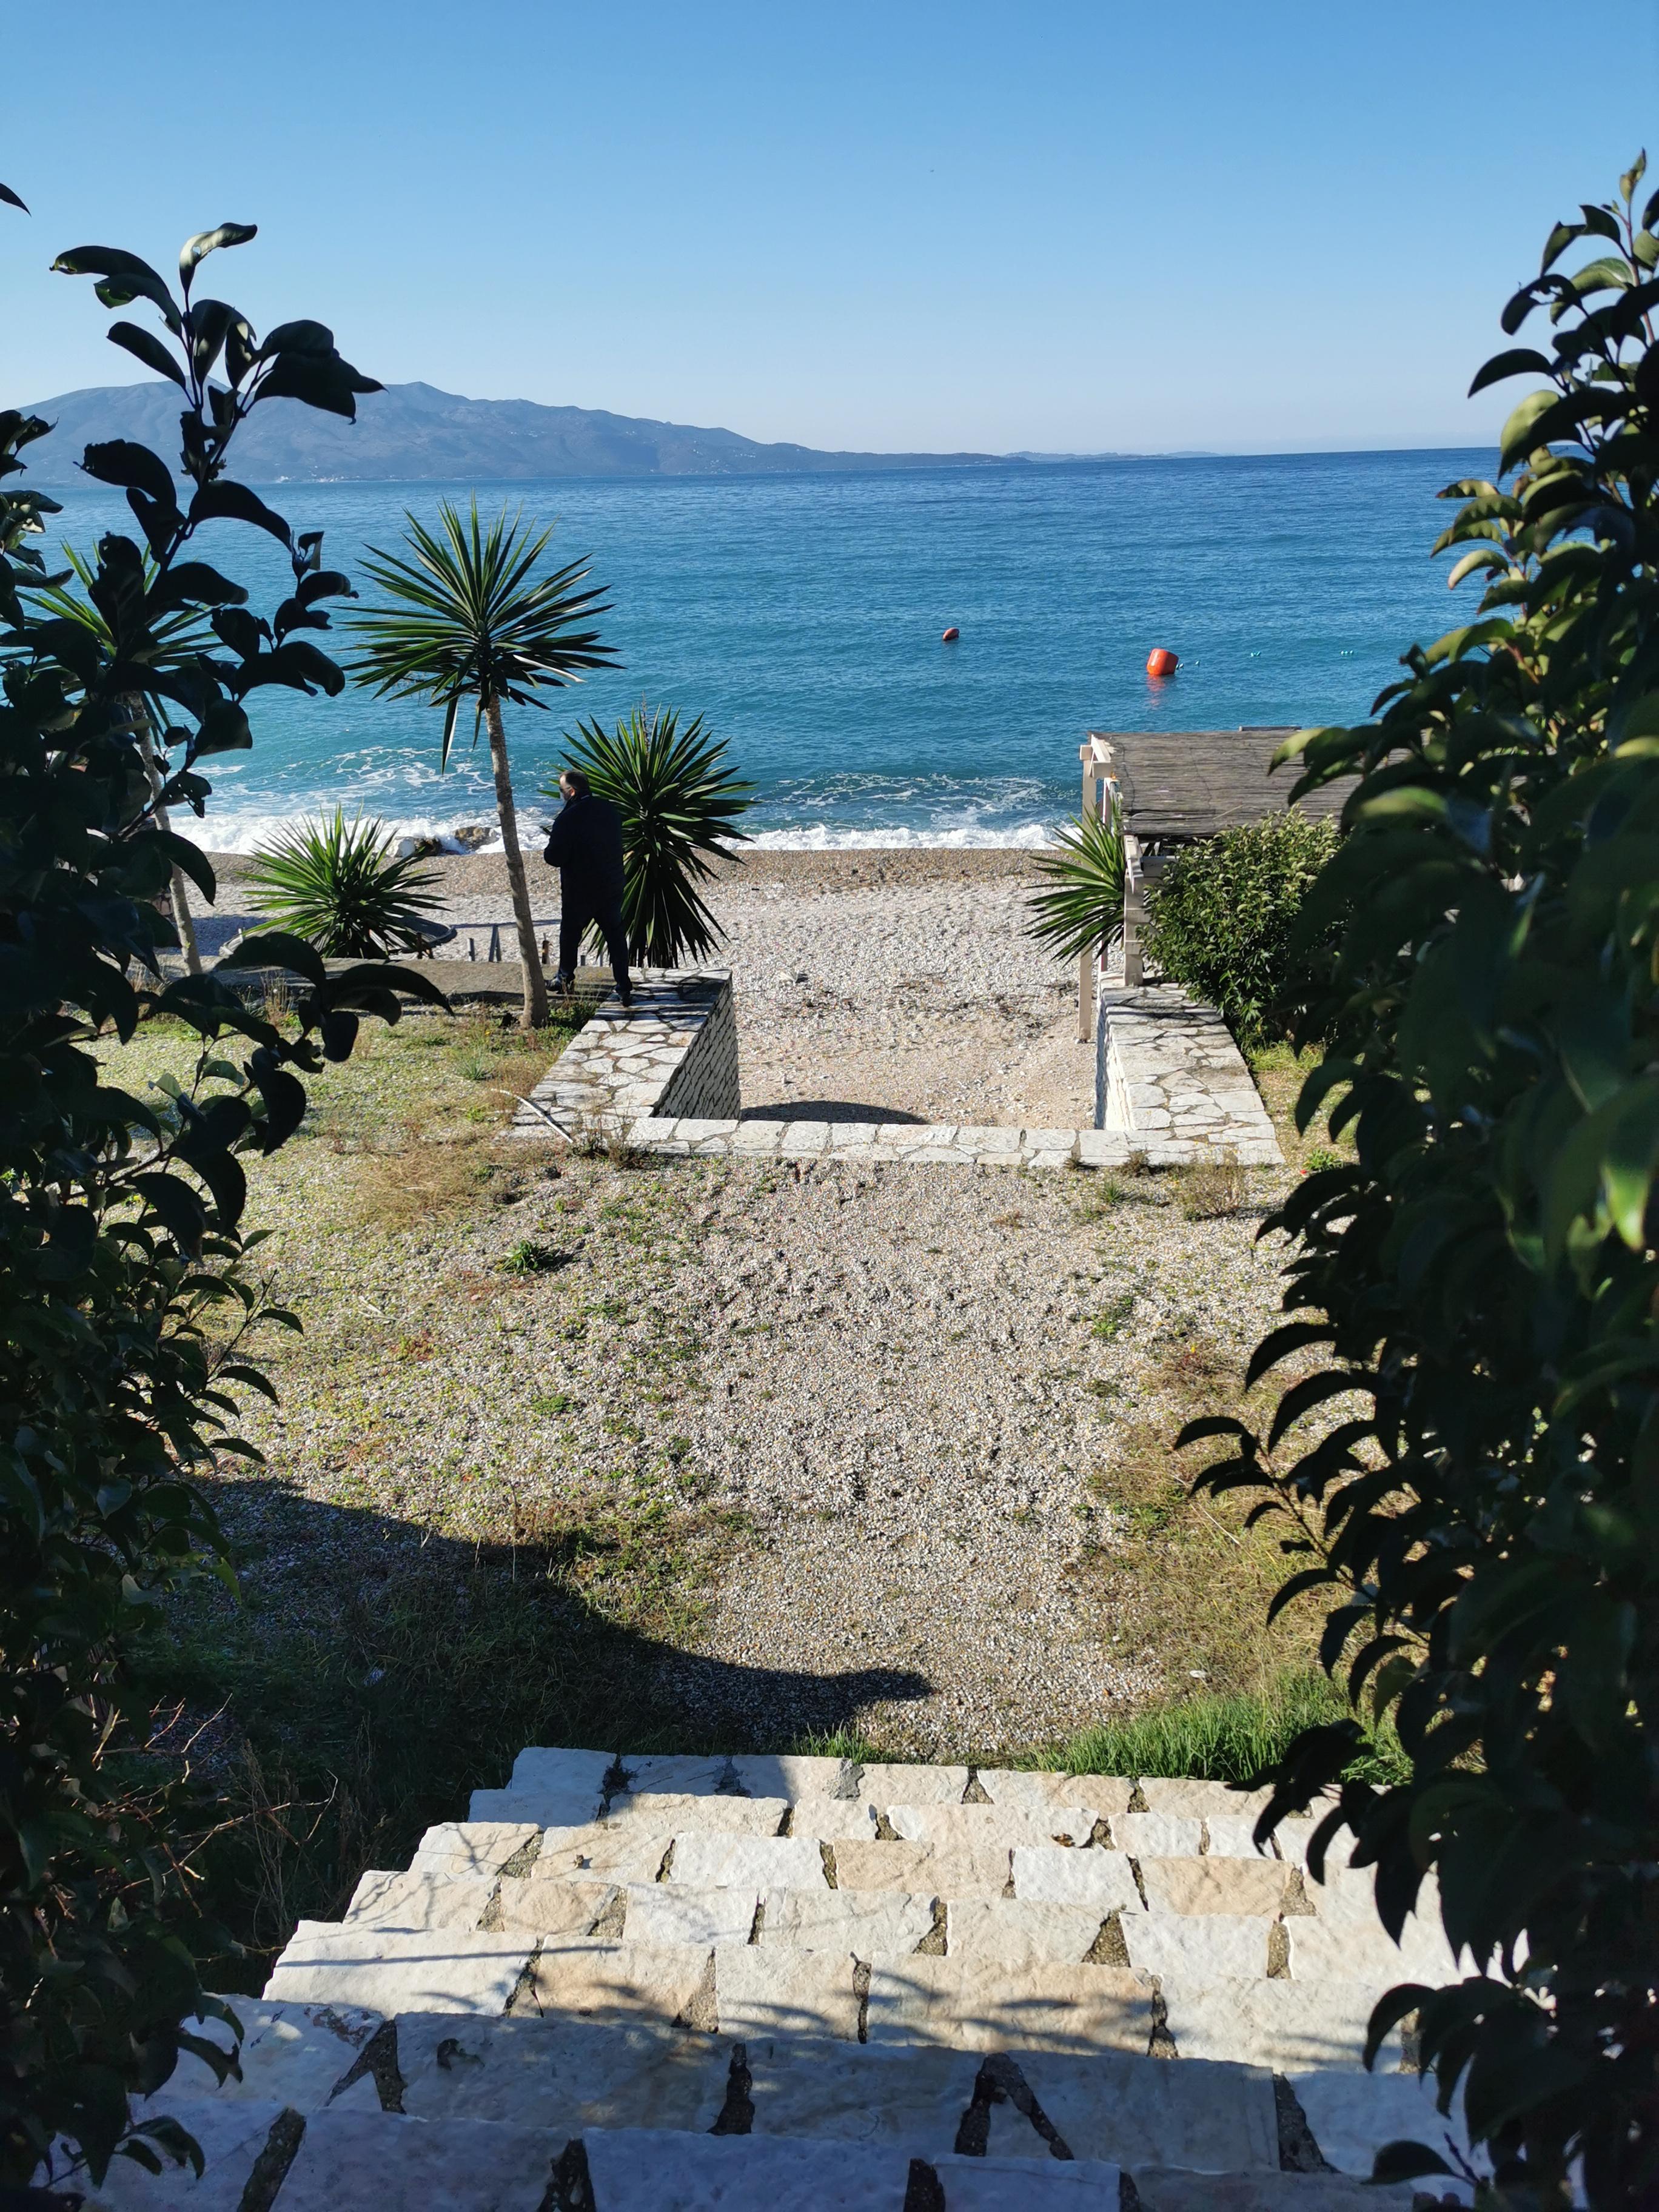 Letovanje Albanija hoteli, Saranda, autobus, Hotel Perla, prilaz plaži